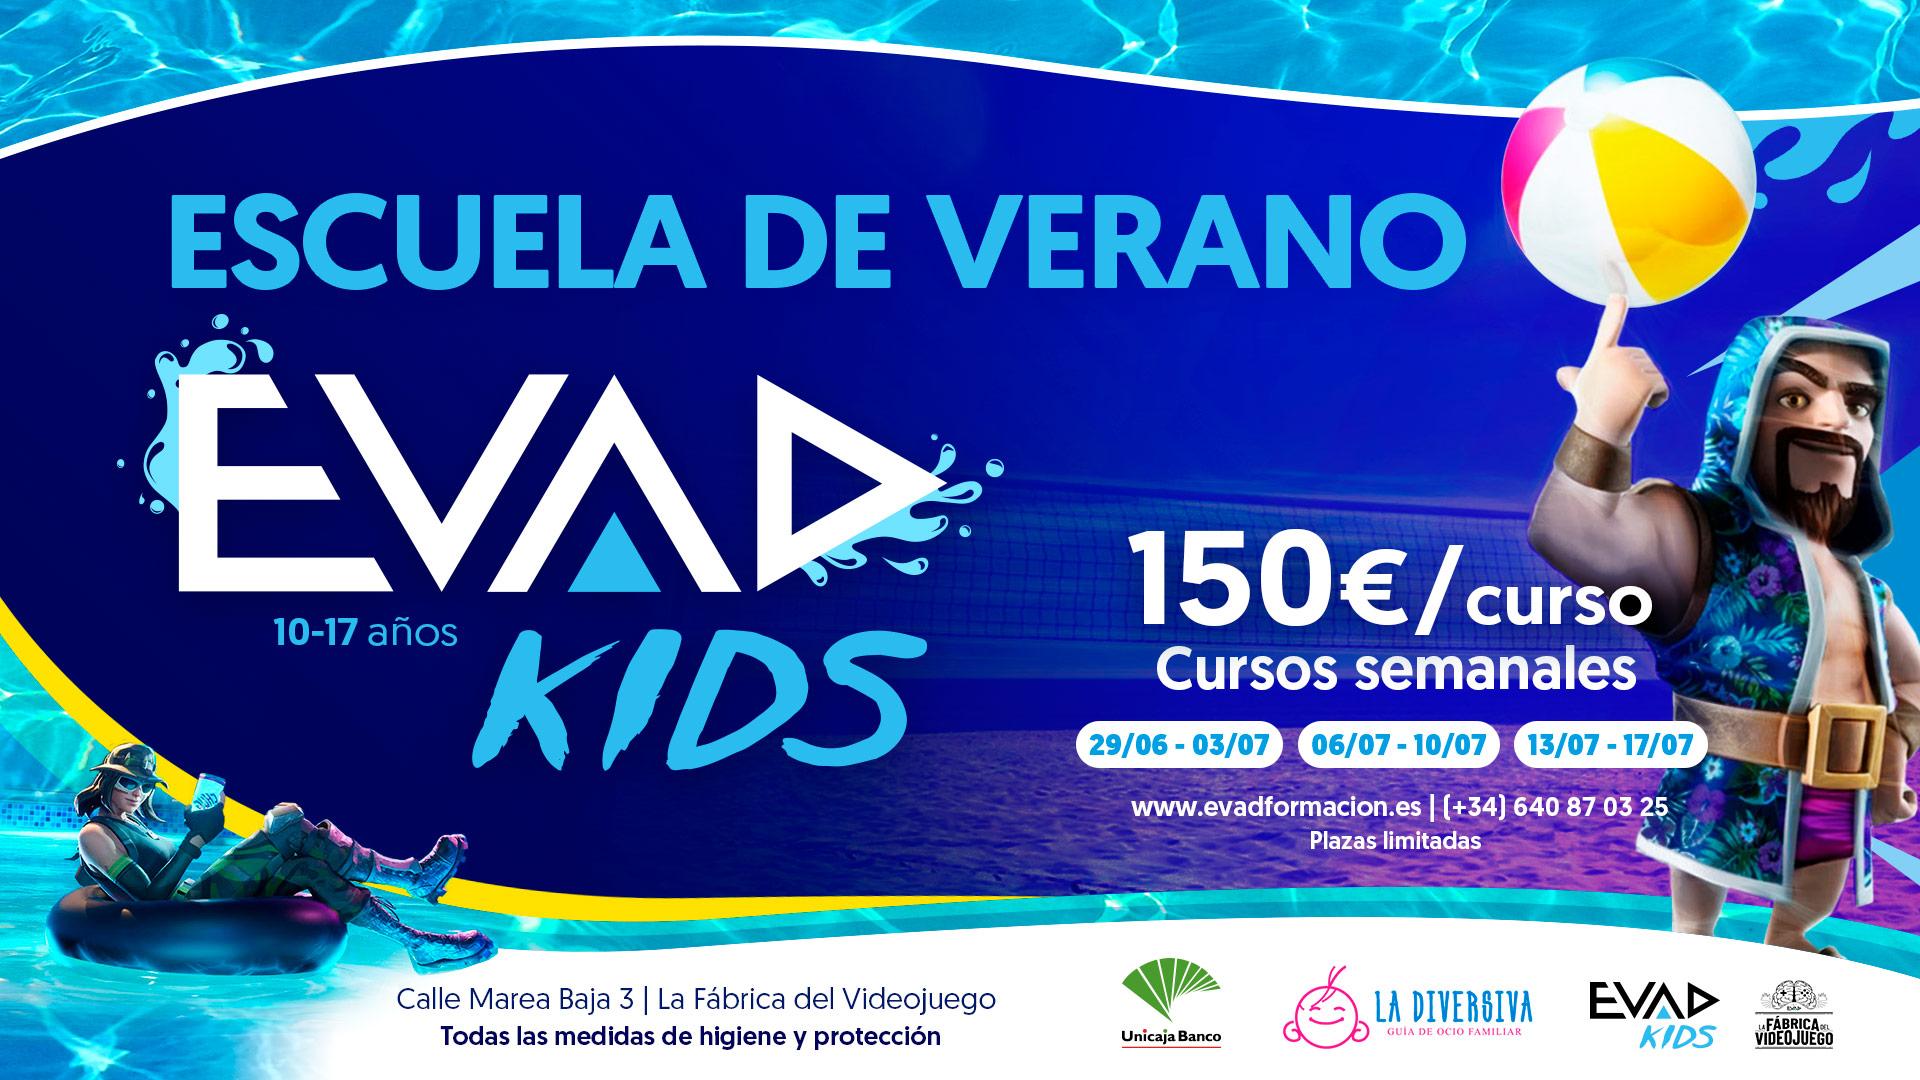 DISFRUTA DE LA ESCUELA DE VERANO EVAD KIDS